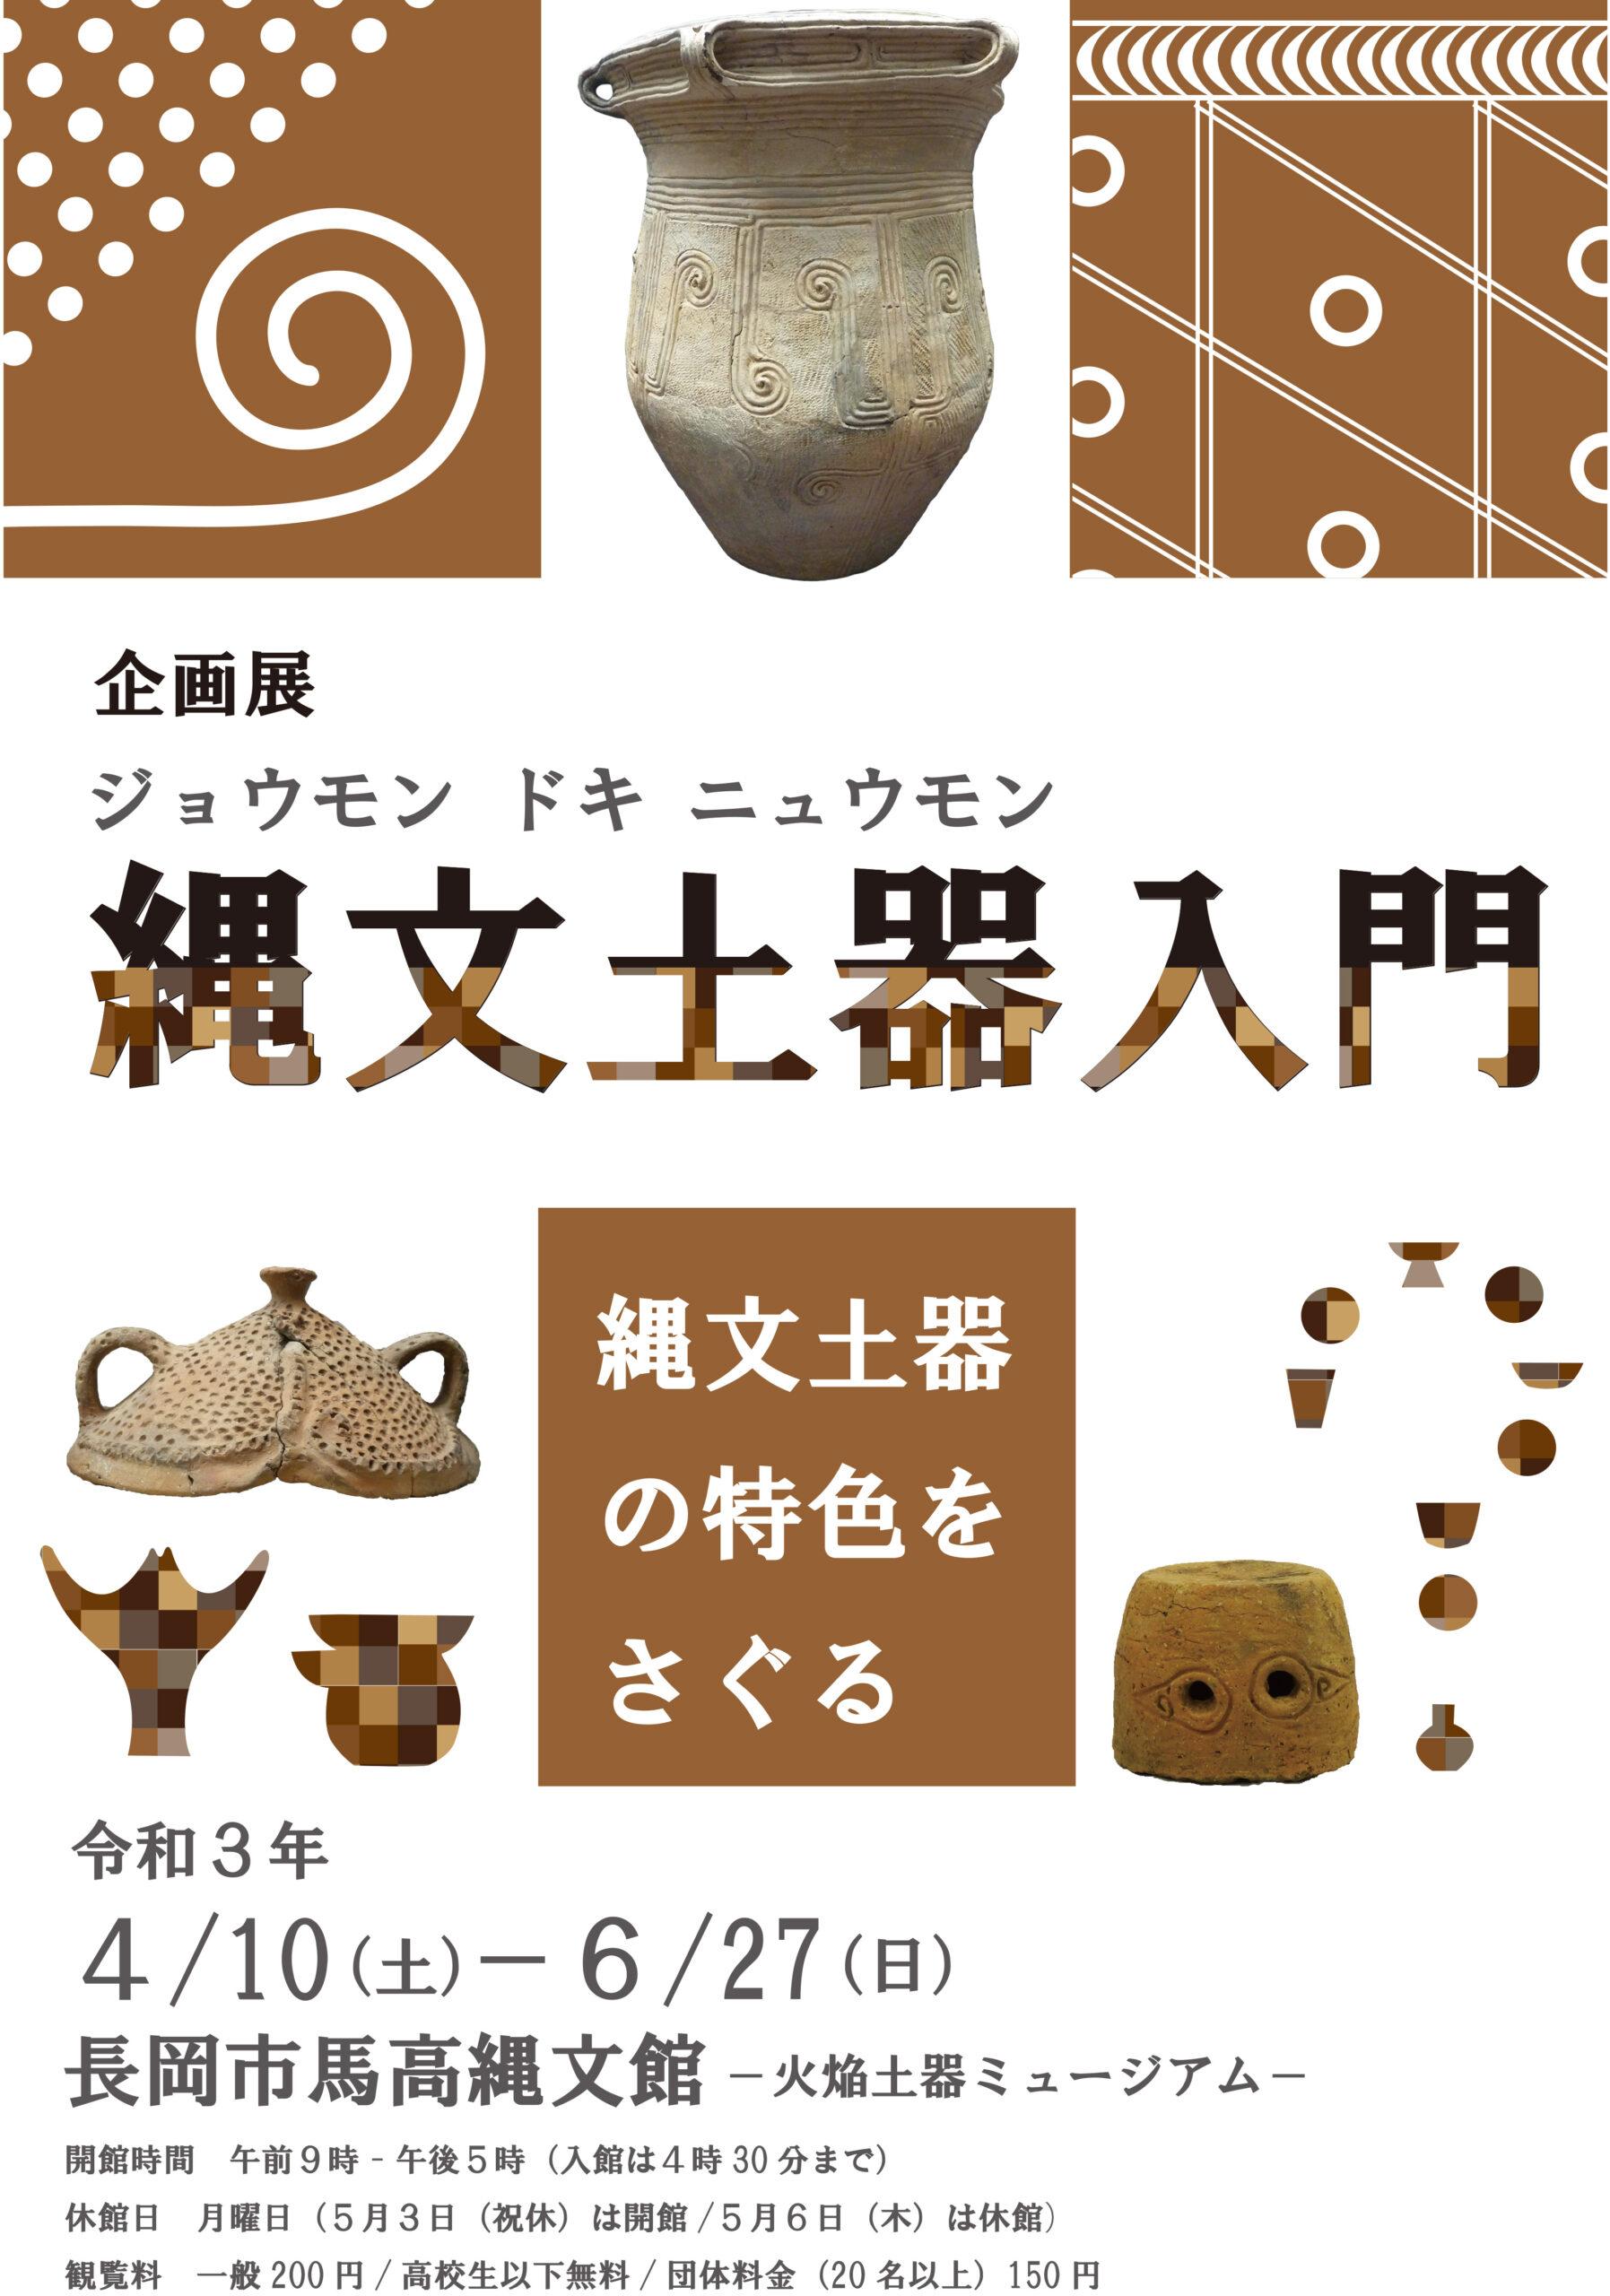 縄文土器入門~縄文土器の特色をさぐる